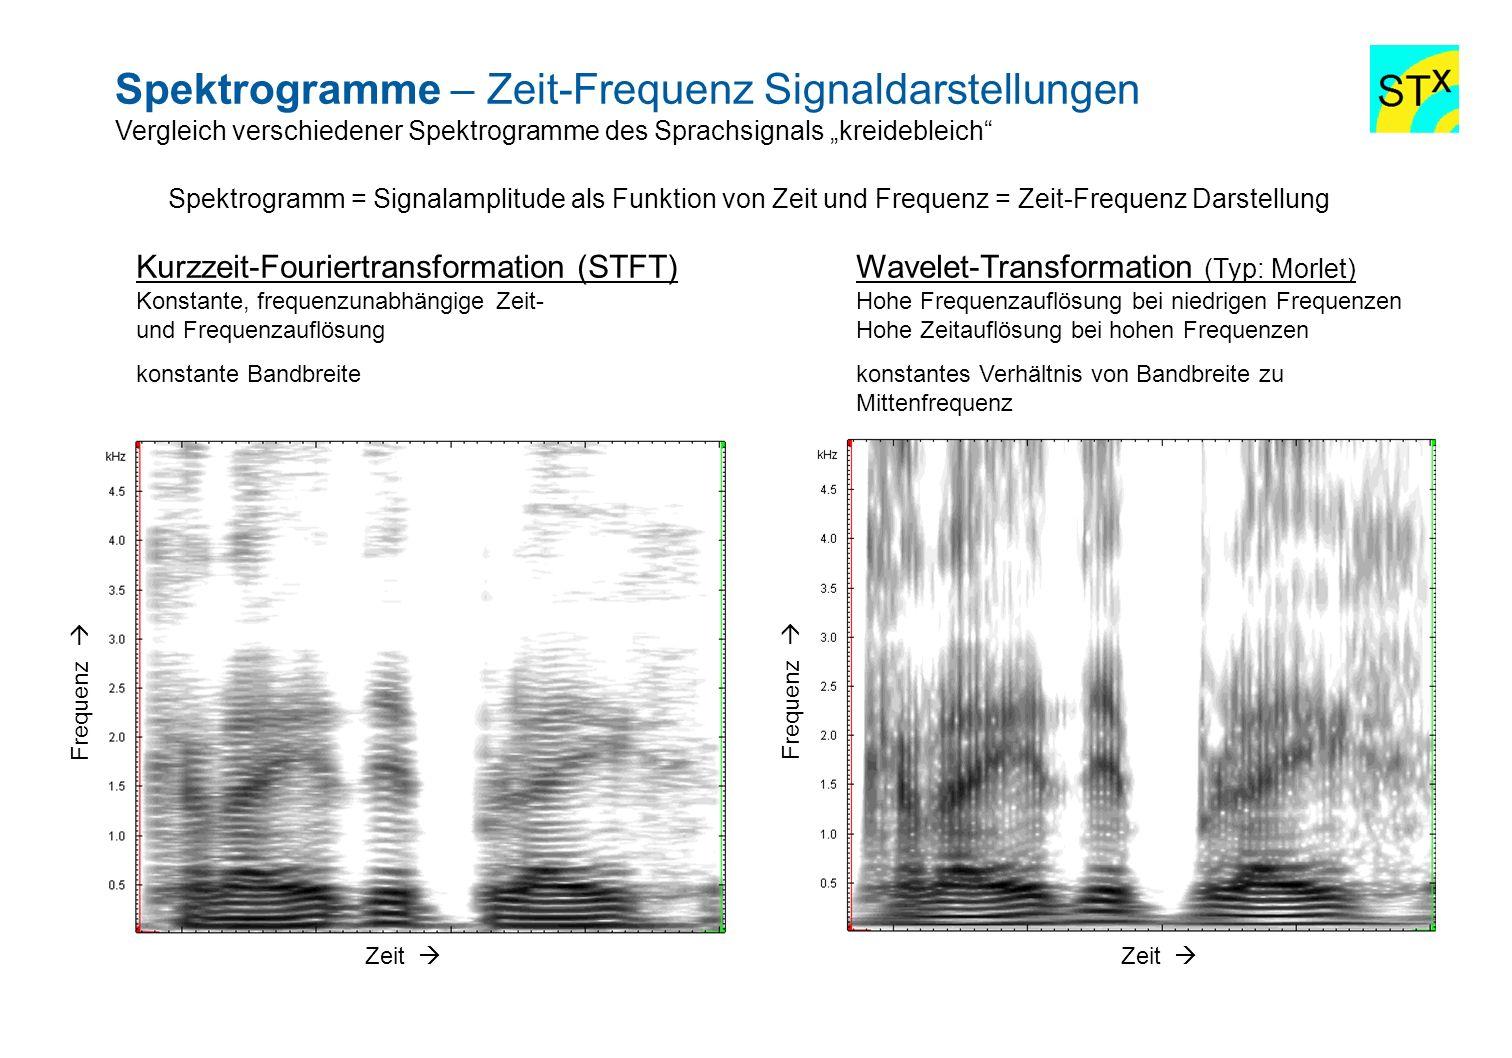 Spektrogramme – Zeit-Frequenz Signaldarstellungen Vergleich verschiedener Spektrogramme des Sprachsignals kreidebleich Zeit Frequenz Kurzzeit-Fouriert